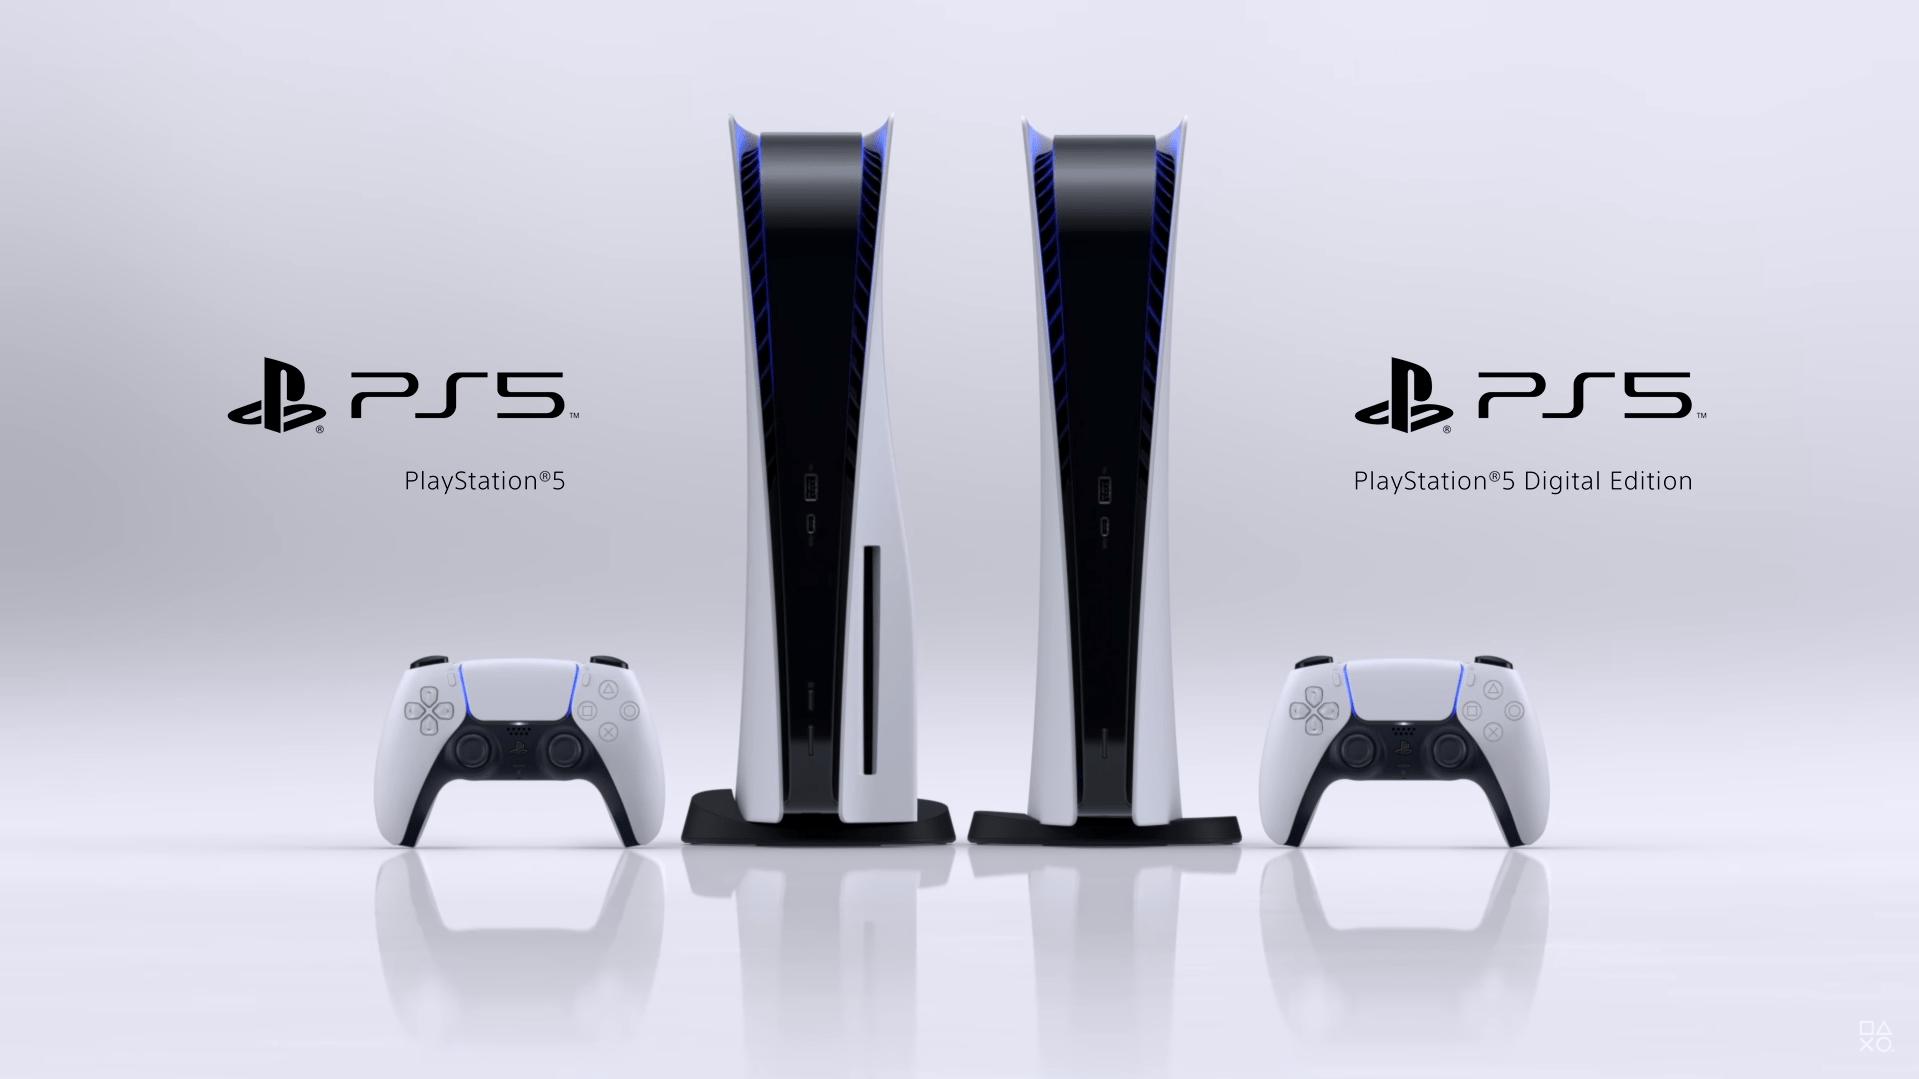 Playstation 5 com leitor de discos (à esquerda) e digital (à direita). (Foto: Divulgação/Sony)